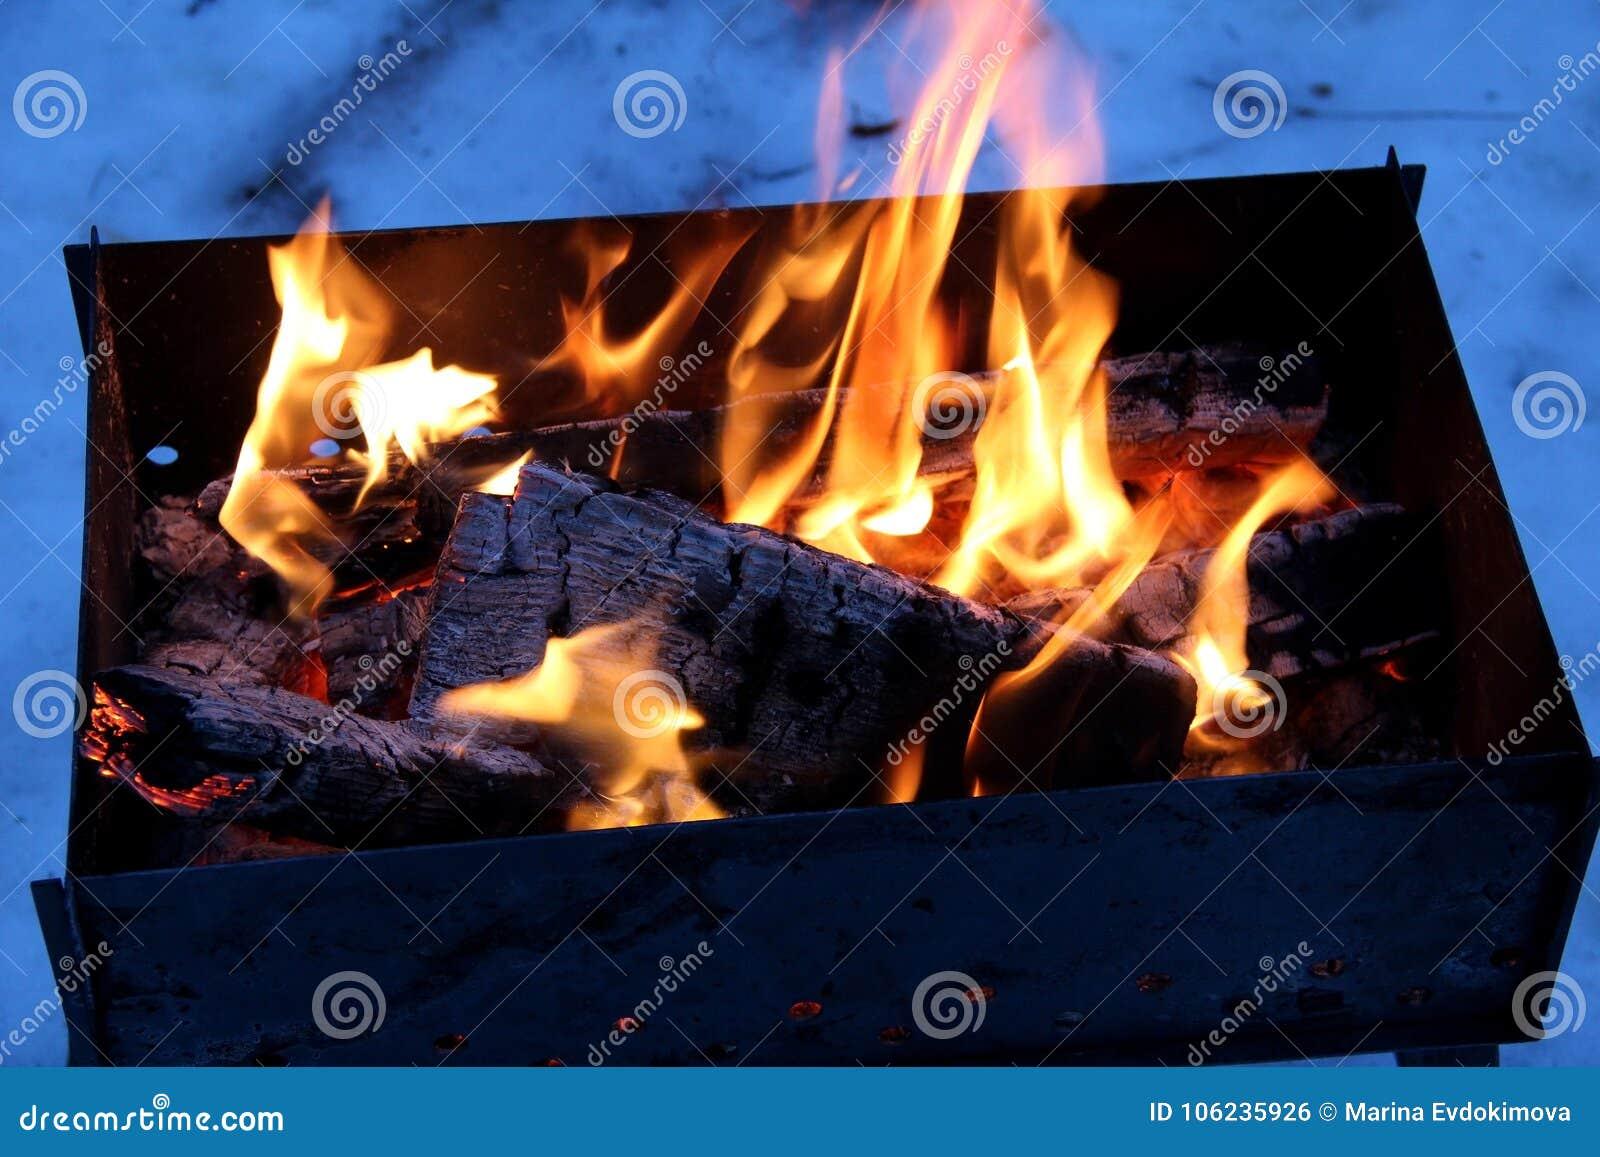 fond du feu et de bois noir charbons blancs gris-foncé et noirs sur